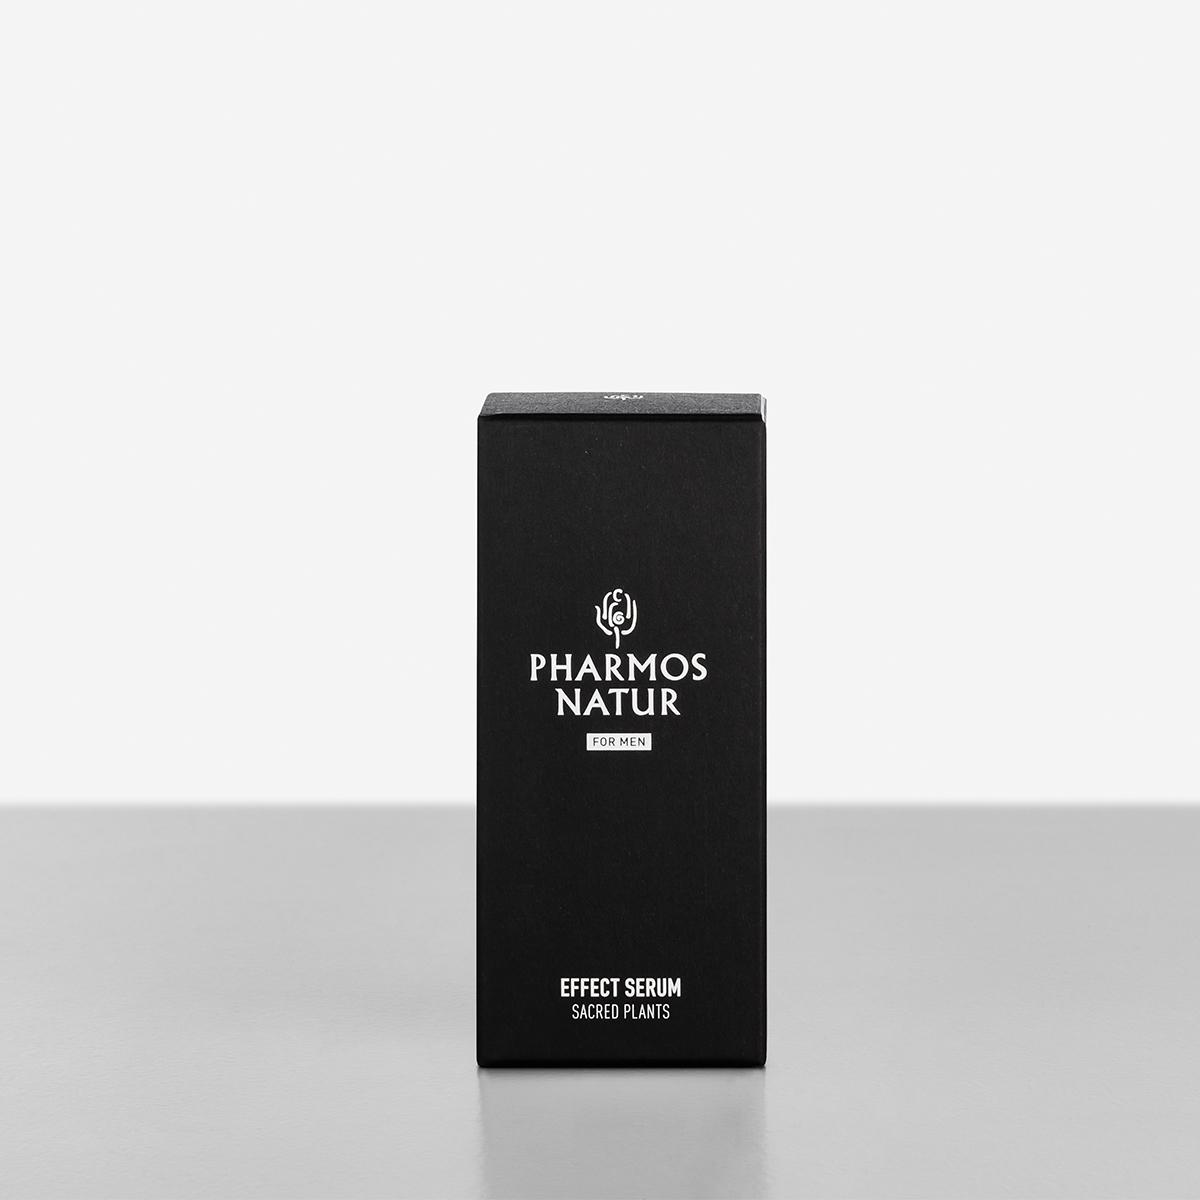 schwarze Verpackung Effect Serum Produktbild